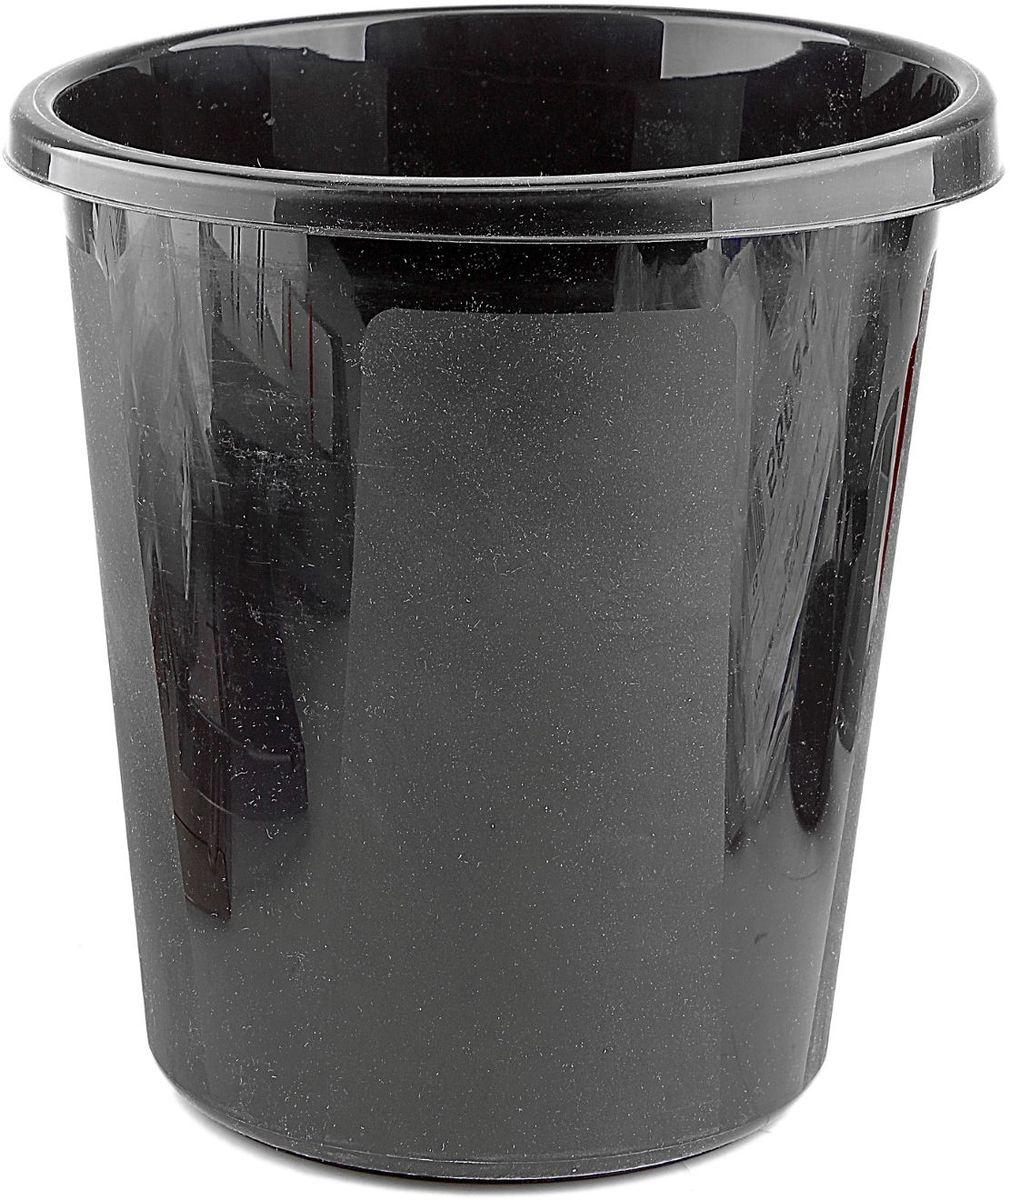 Корзина для бумаг 9 л цвет черный 580825580825